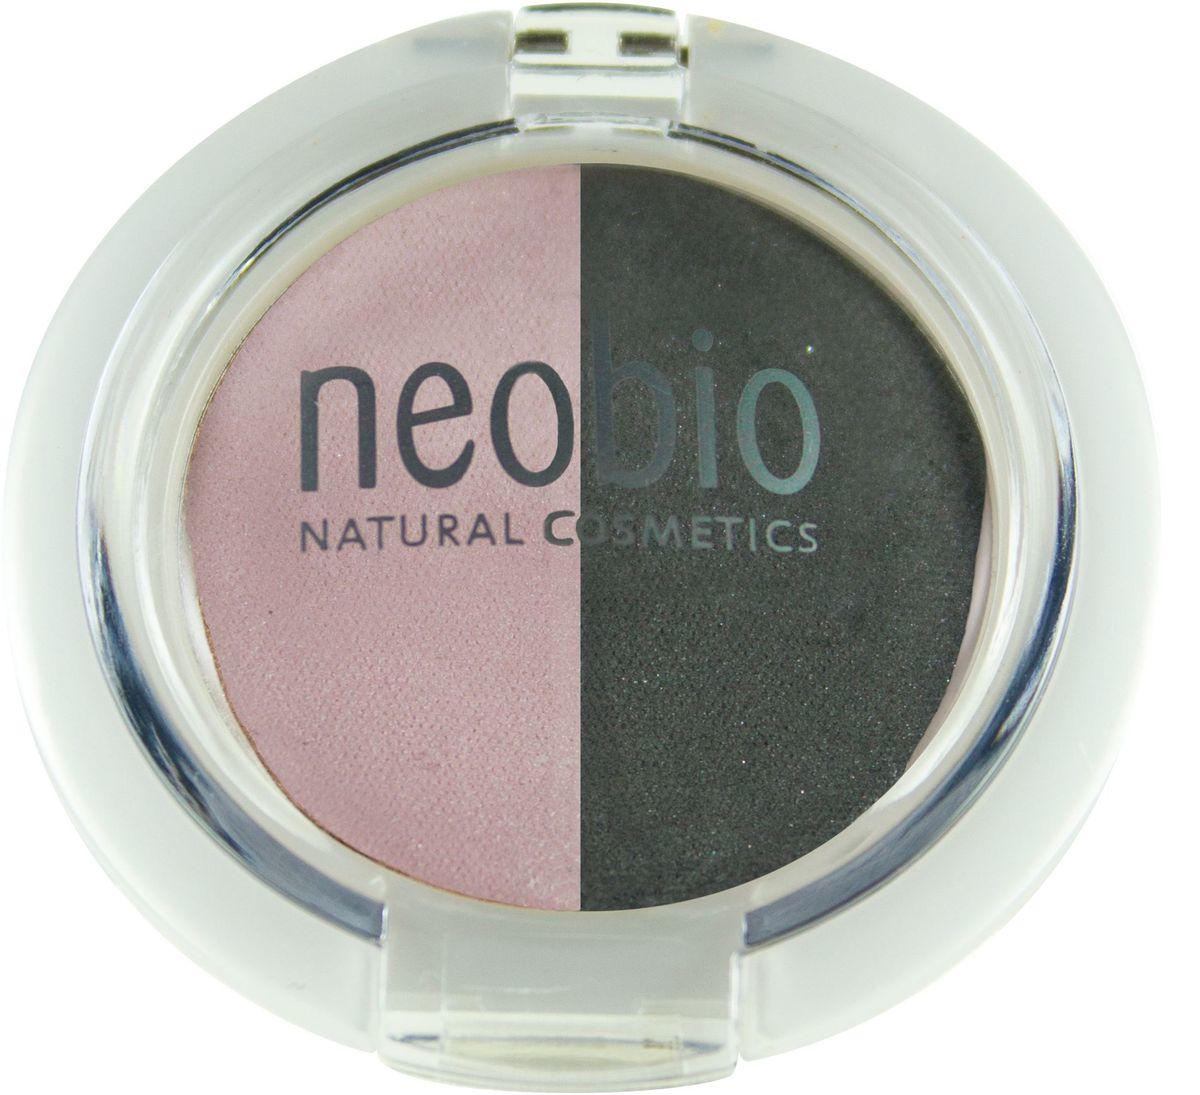 Neobio Двойные тени для век, тон № 01 (розовый бриллиант), 2,5 г29101332055Тени для век Neobio легко наносятся, не скатываются и не осыпаются, держатся в течение дня. В результате нанесения получается элегантный макияж глаз и в тоже время надежный уход и защита за Вашей кожей. Благодаря своему натуральному составу тени Neobio подходят для чувствительных глаз, а также при ношении контактных линз. Тени содержат безвредные деликатные красящие пигменты, одобренные международной сертификацией NATRUE. Входящие в состав органическое масло макадамии, органическое масло клещевины и витамин Е благотворно влияют на кожу век, увлажняют ее и смягчают. Слюда оказывает противовоспалительный эффект, поглощает излишки жира и матирует. Двойные тени розовый бриллиант идеально подойдут для NUDE макияжа. В комбинации с оттенком туманная ночь легкий NUDE превратится в вечерний макияж. Натуральность продукта подтверждена международным сертификатом NATRUE. Продукт прошел дерматологический контроль. Состав: Тальк, слюда, триглицерид каприловой/каприновой кислоты, масло семян макадамии*, касторовое масло*, стеарат магния, каолин, витамин Е, масло семян подсолнечника, глицерилкаприлат, анисовая кислота, отдушка (ароматизатор)**, мальтодекстрин, оксид олова, CI 77891 (диоксид титана), CI 77499 (оксид железа), CI 77492 (оксид железа), CI 77007 (ультрамарины), CI 75470 (кармин: содержит кармин в качестве красителя)